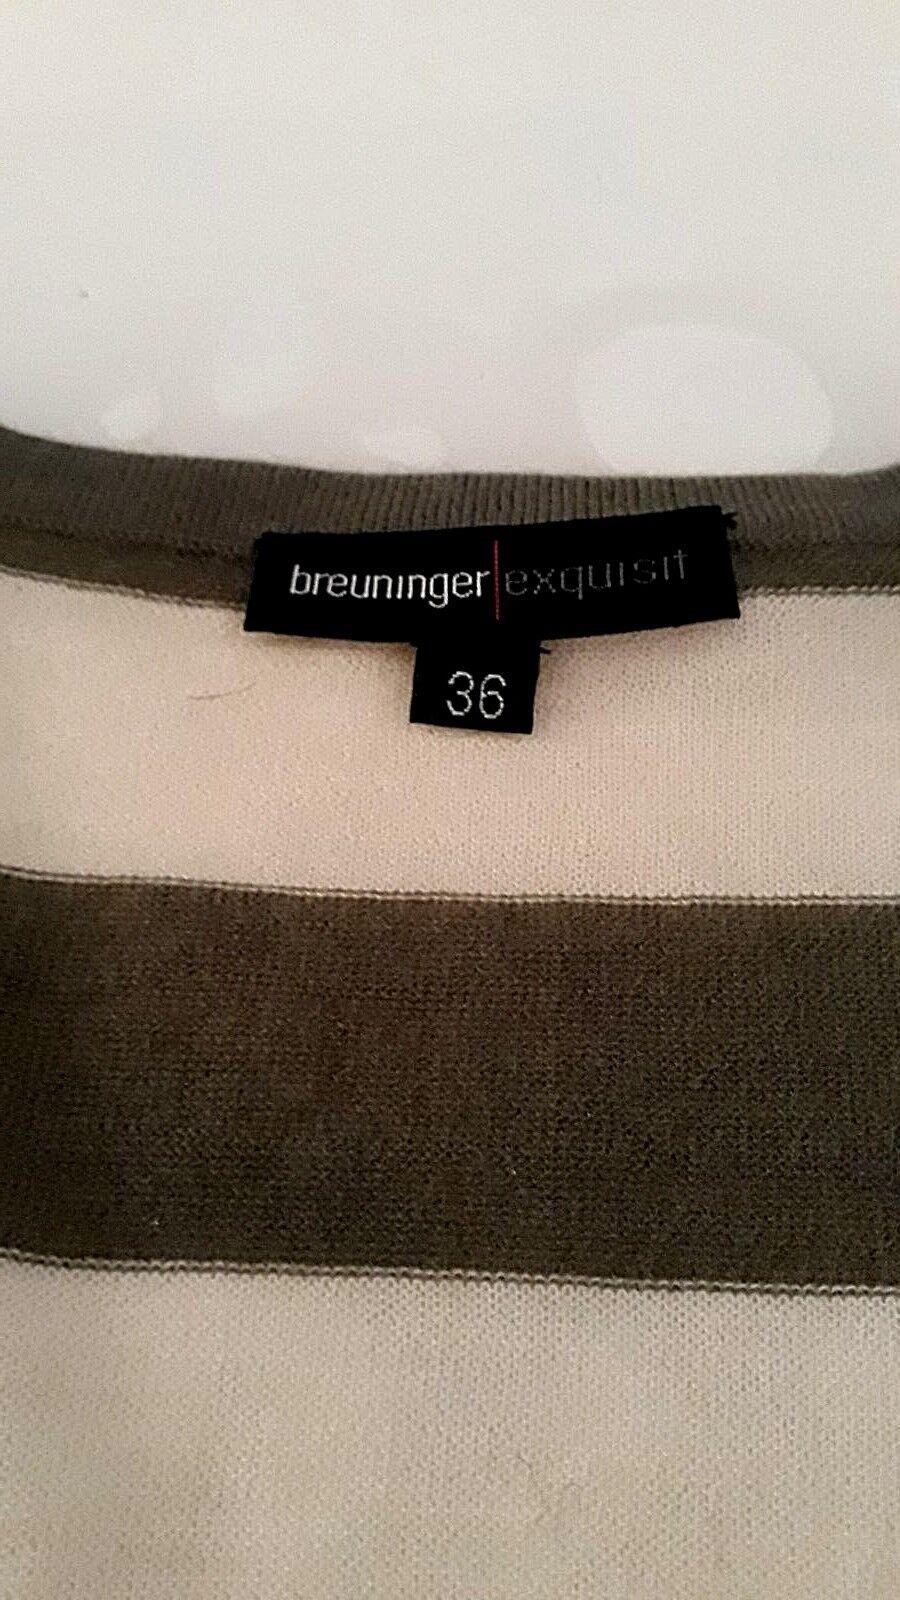 Giacca in maglia maglia maglia di breuninger Exquisit, Tg. 36, NUOVO, 287105